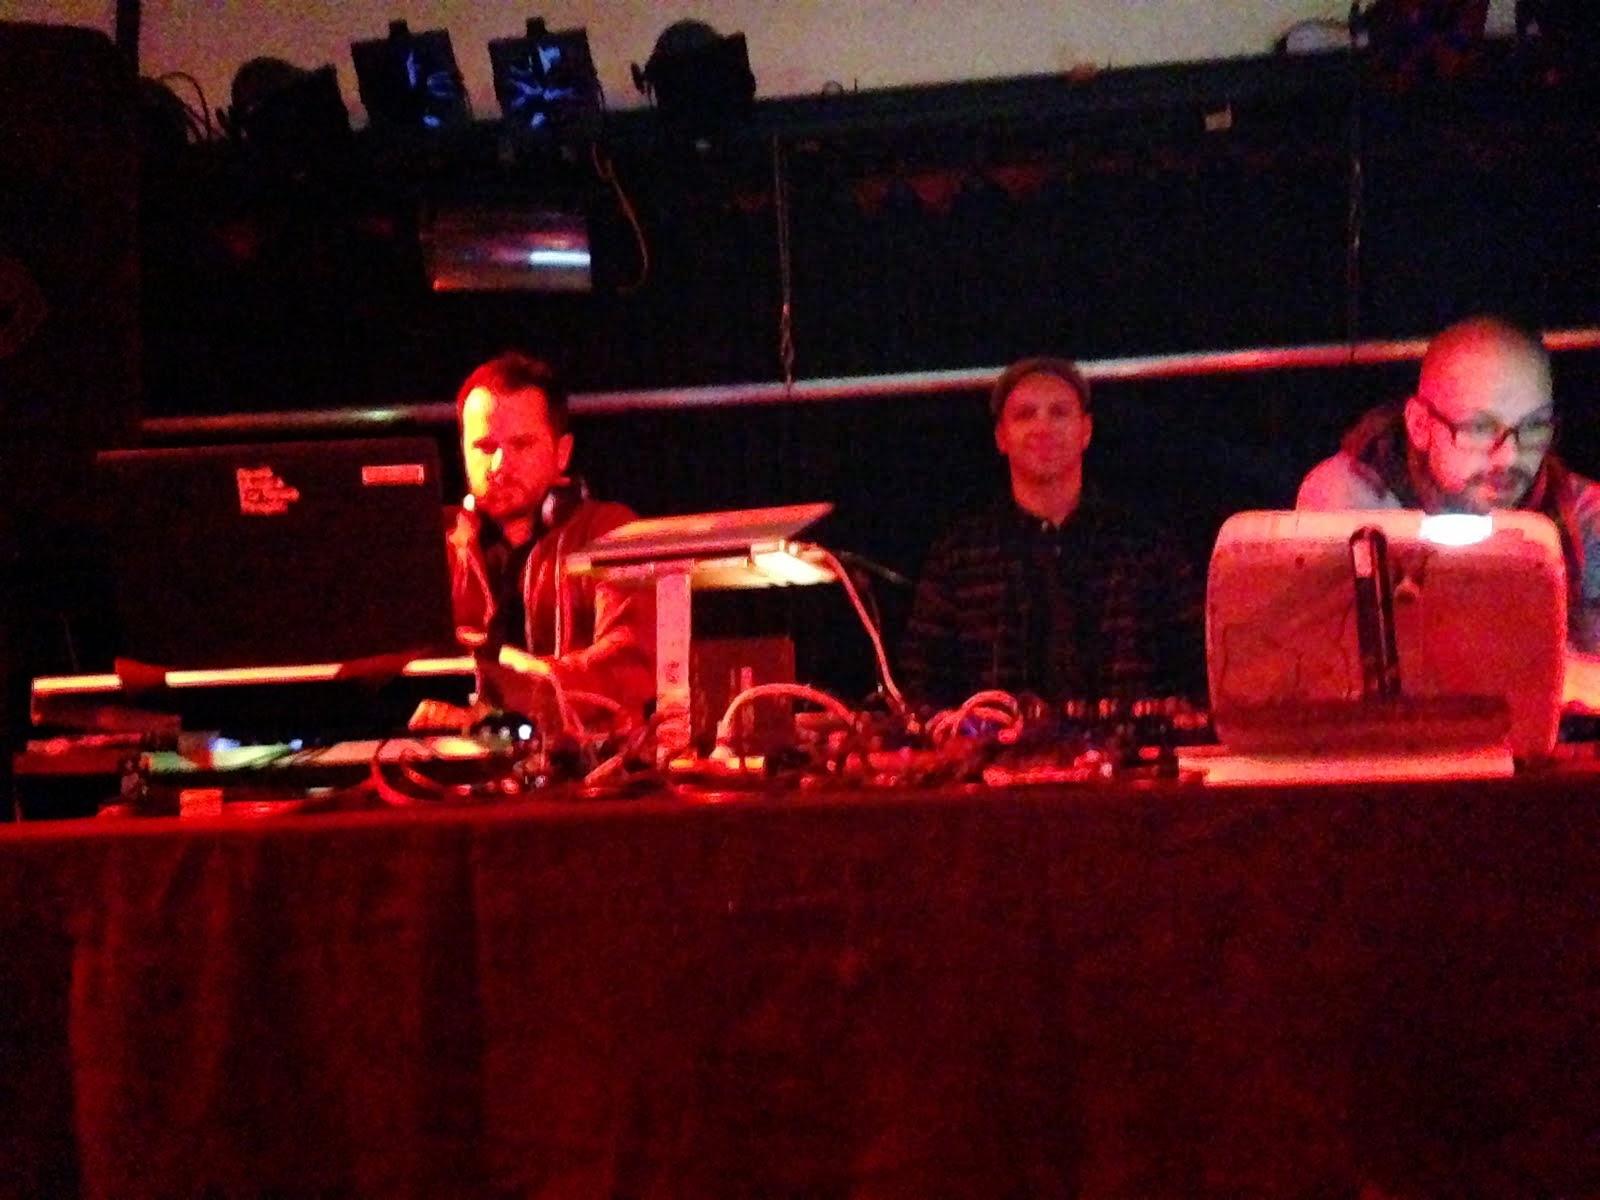 alex soulbrigada,shantisan & dj querbeat @spielboden/at 27.12.1014